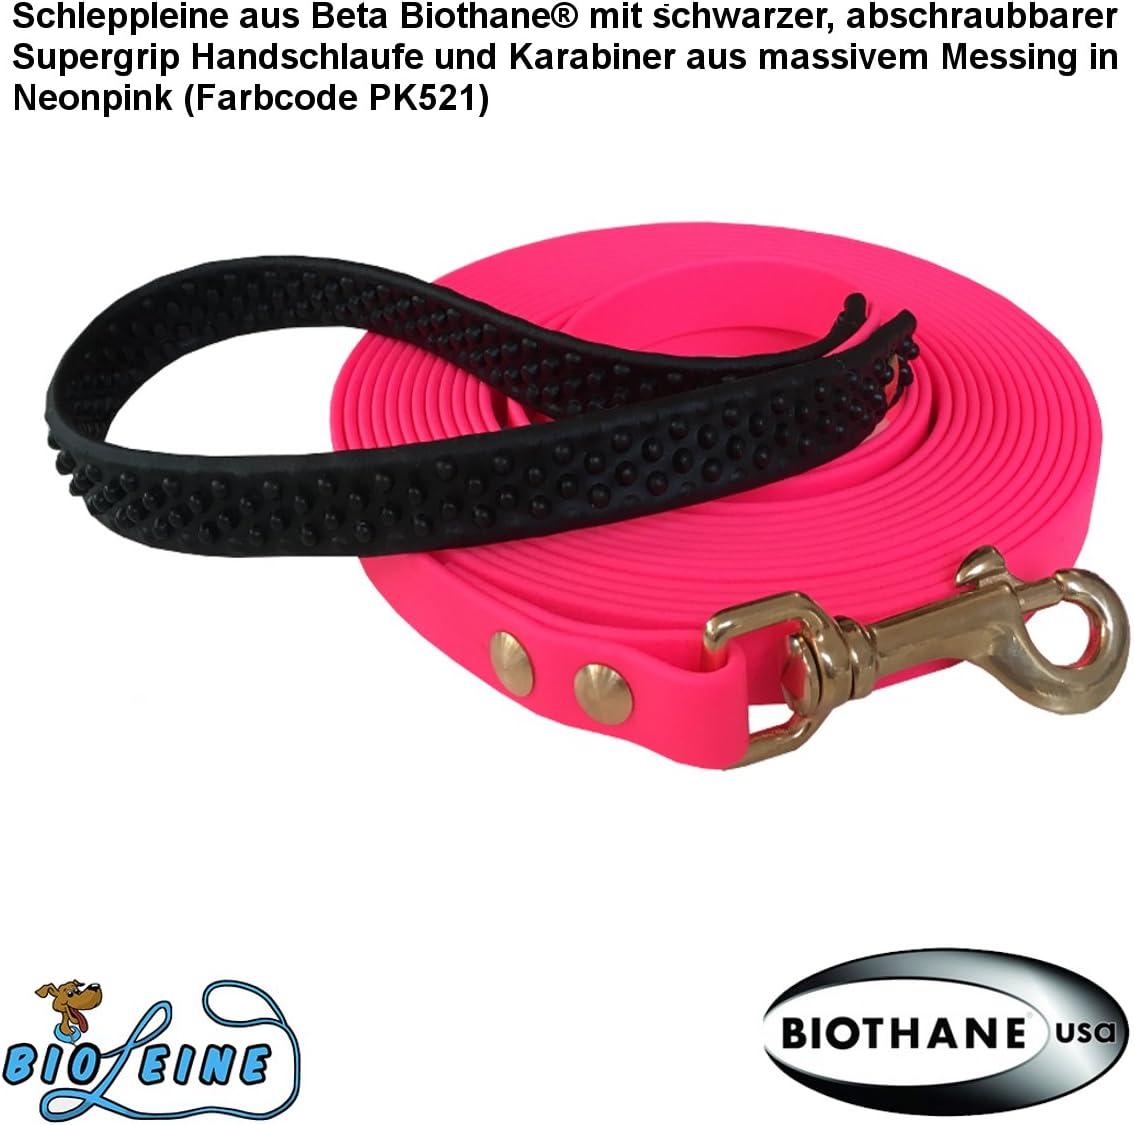 bio-leine 5m Schleppleine aus Beta-Biothane f/ür kleine und gro/ße Hunde 12mm breit